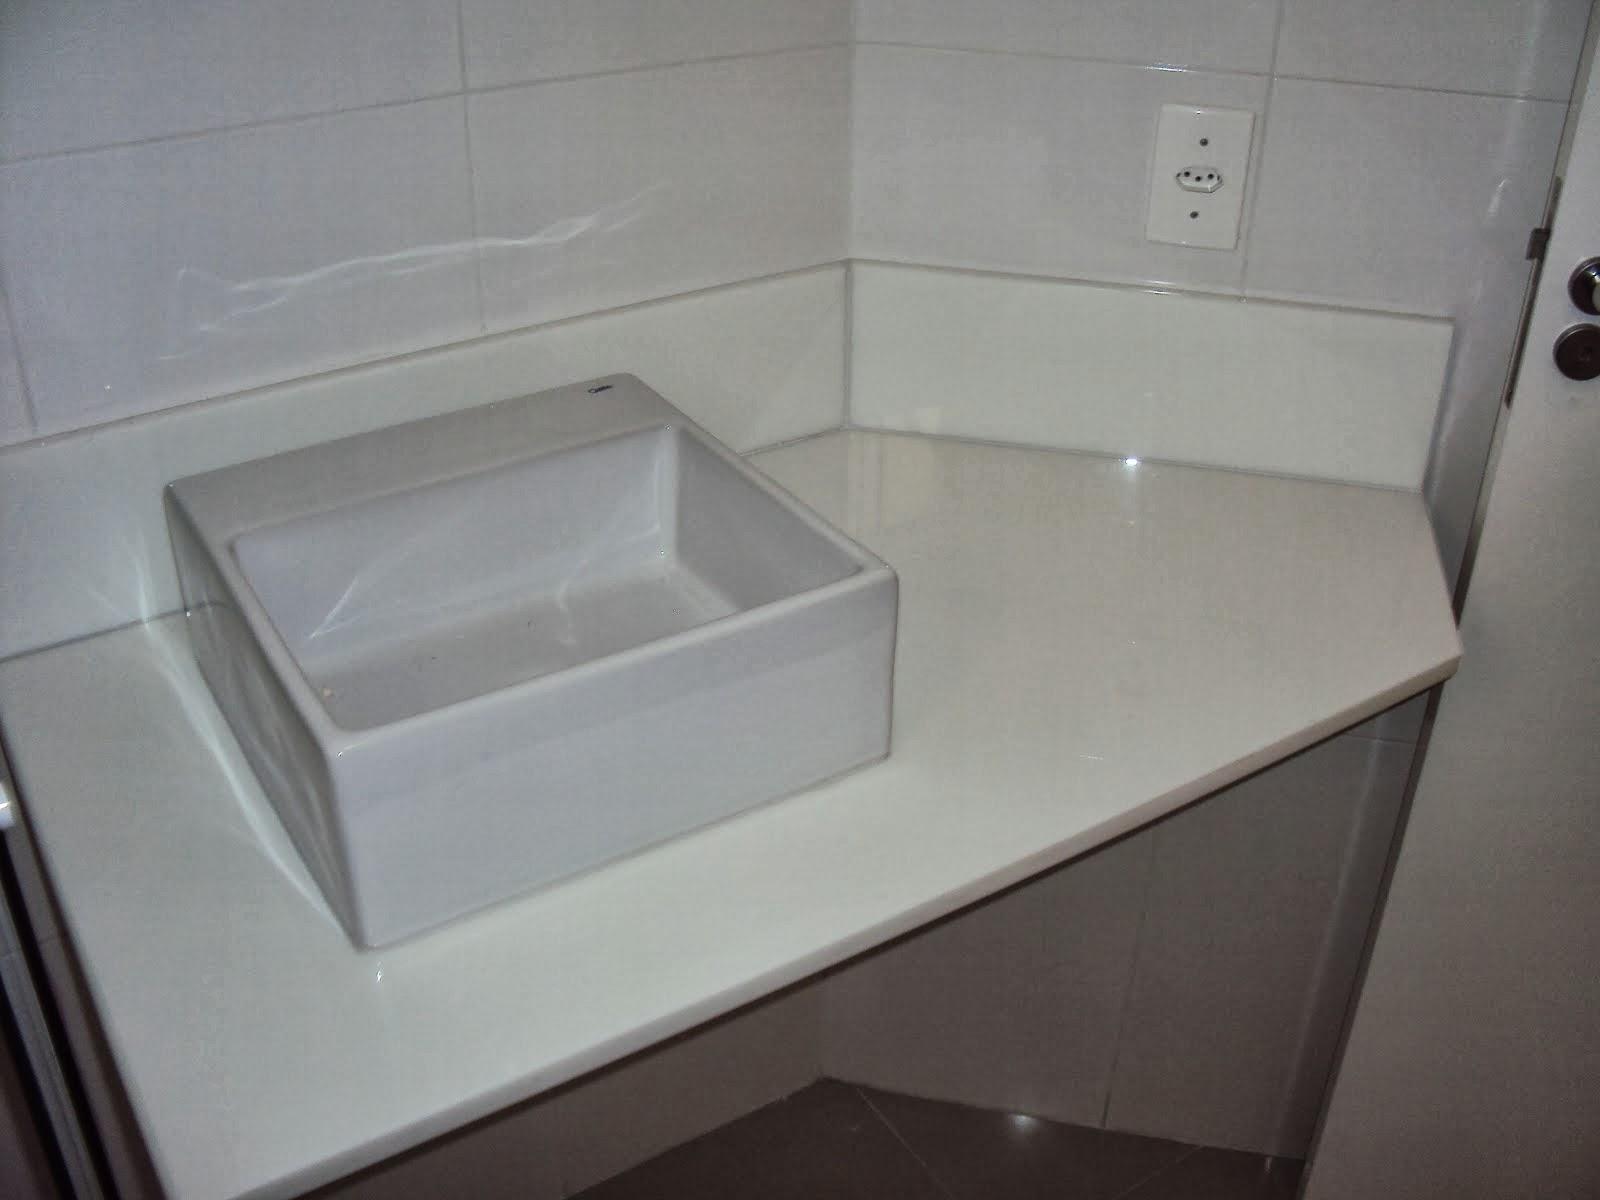 Bancada em Nanoglass blog arrumandomeuape.blogspot.com.br/ #413936 1600x1200 Balança De Banheiro Qual A Melhor